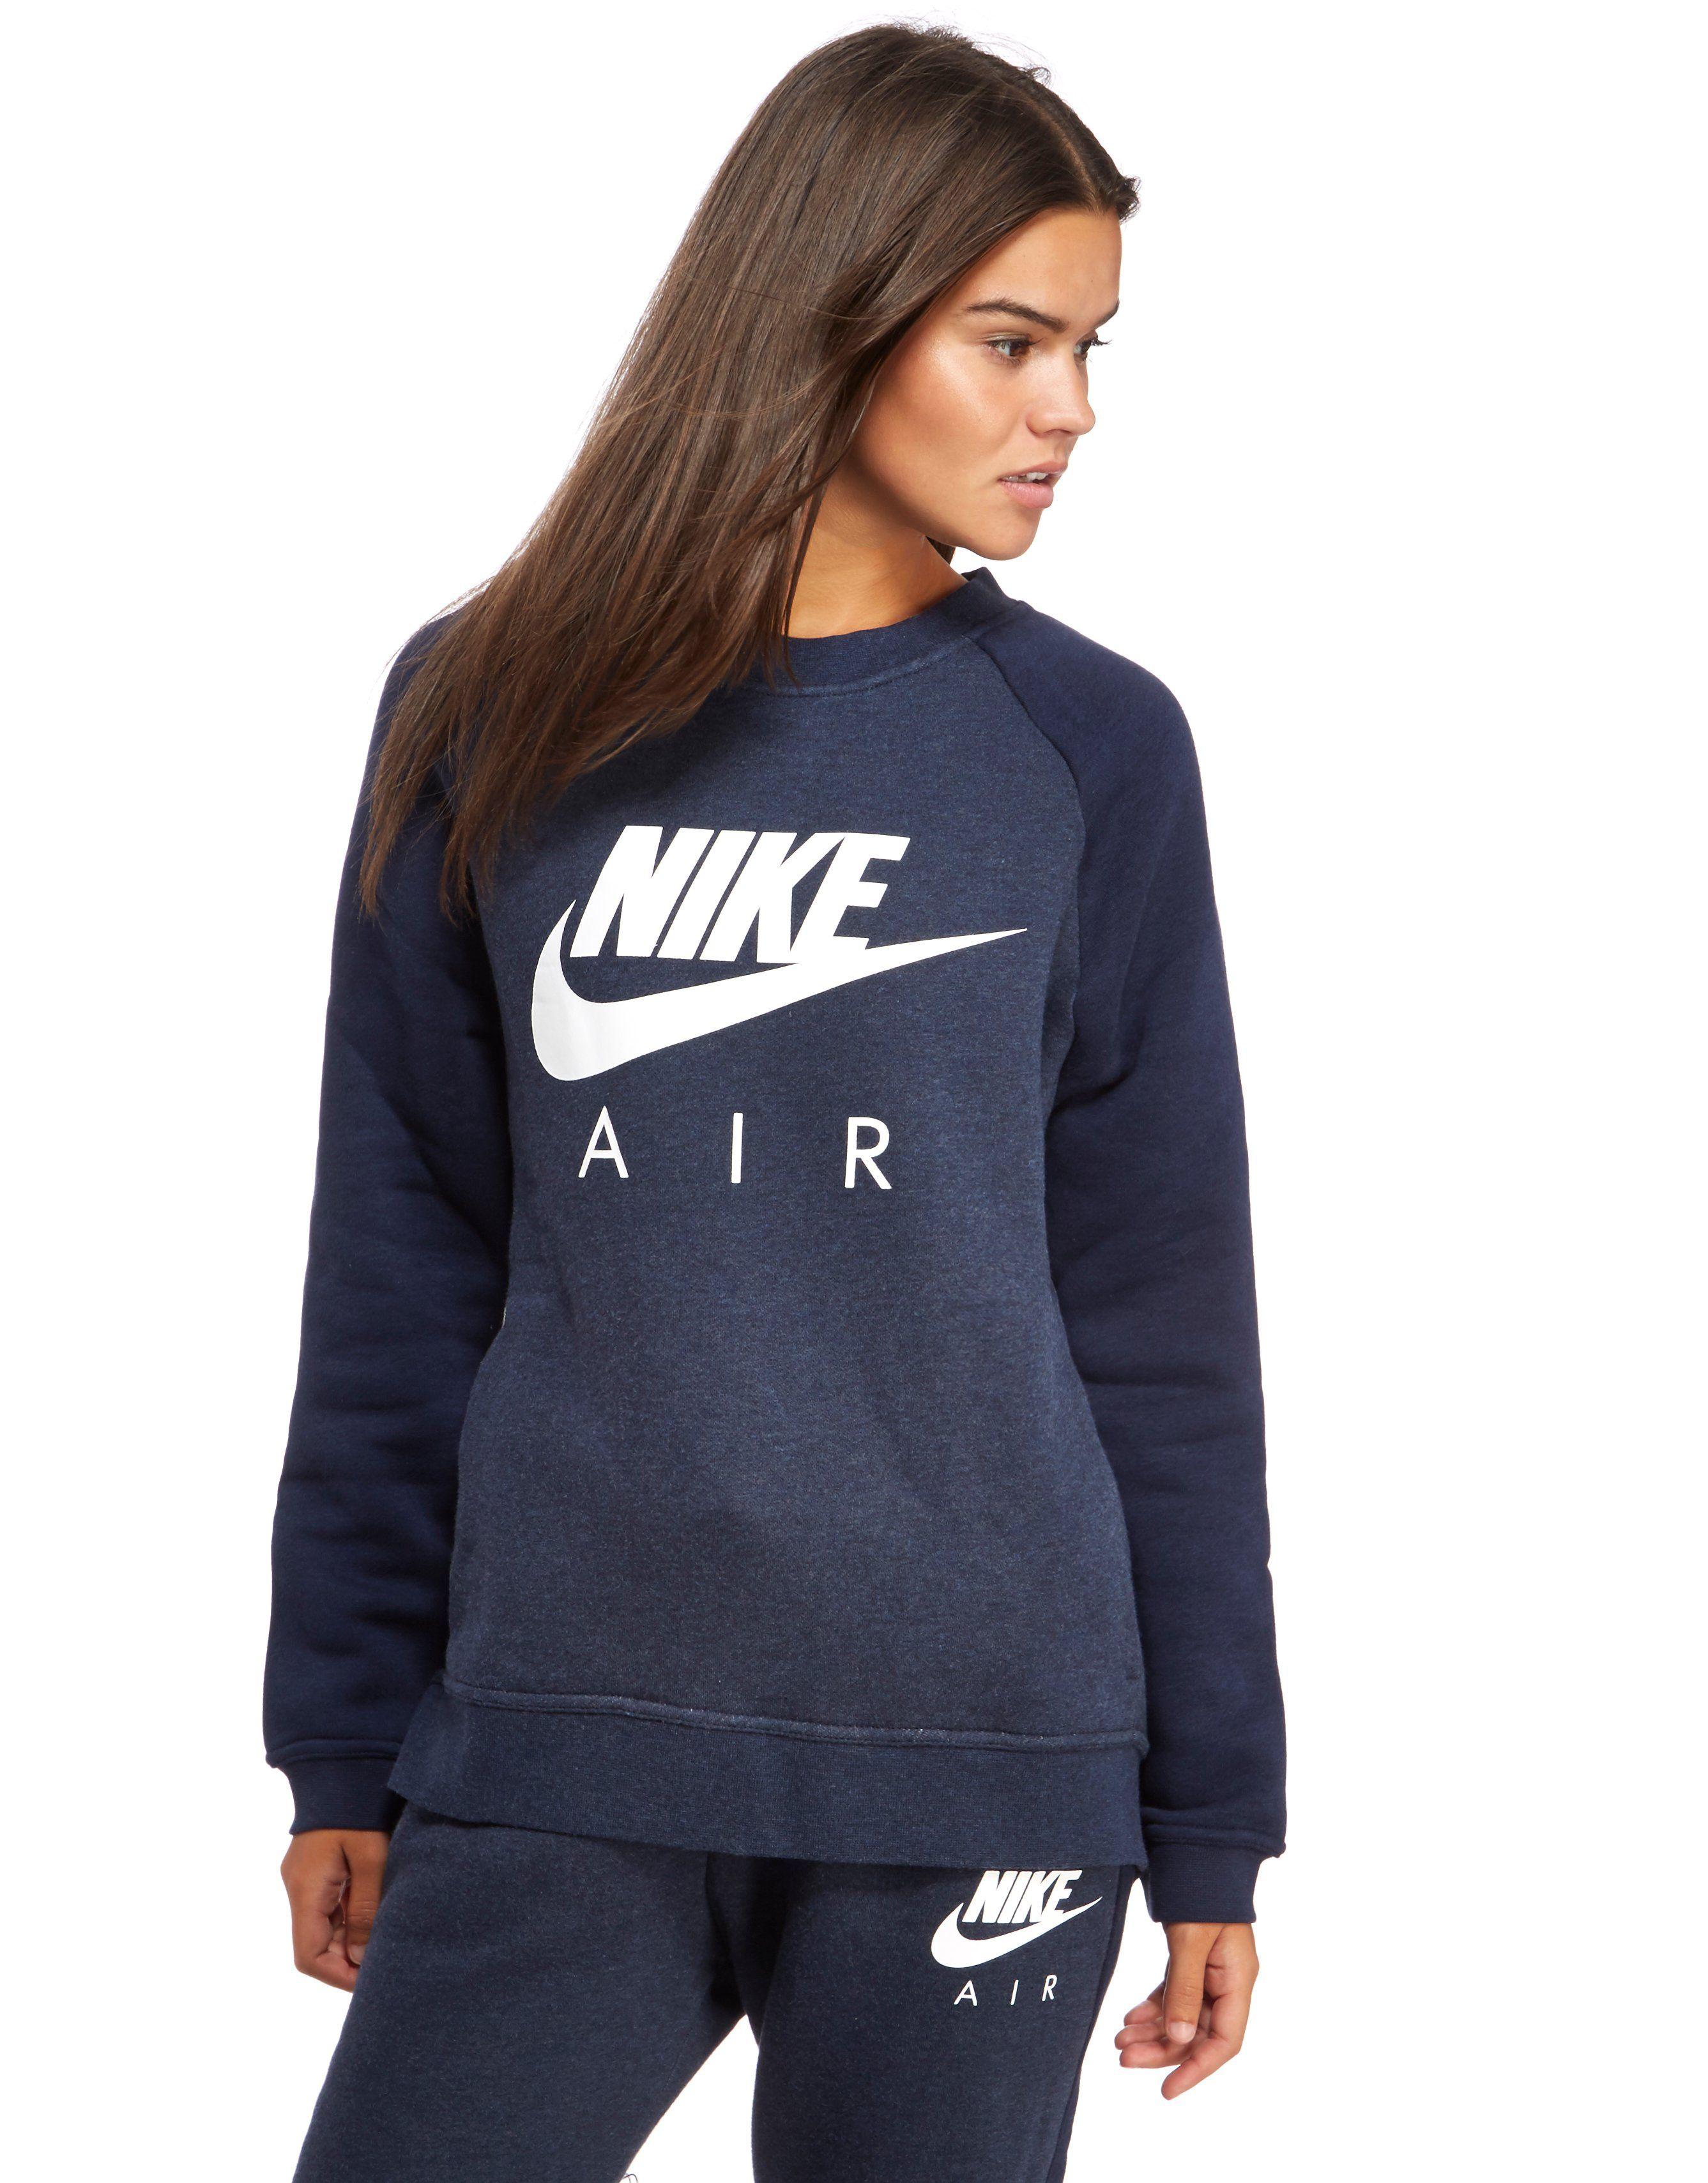 Nike Air Crew Sweatshirt  f3a64493e8